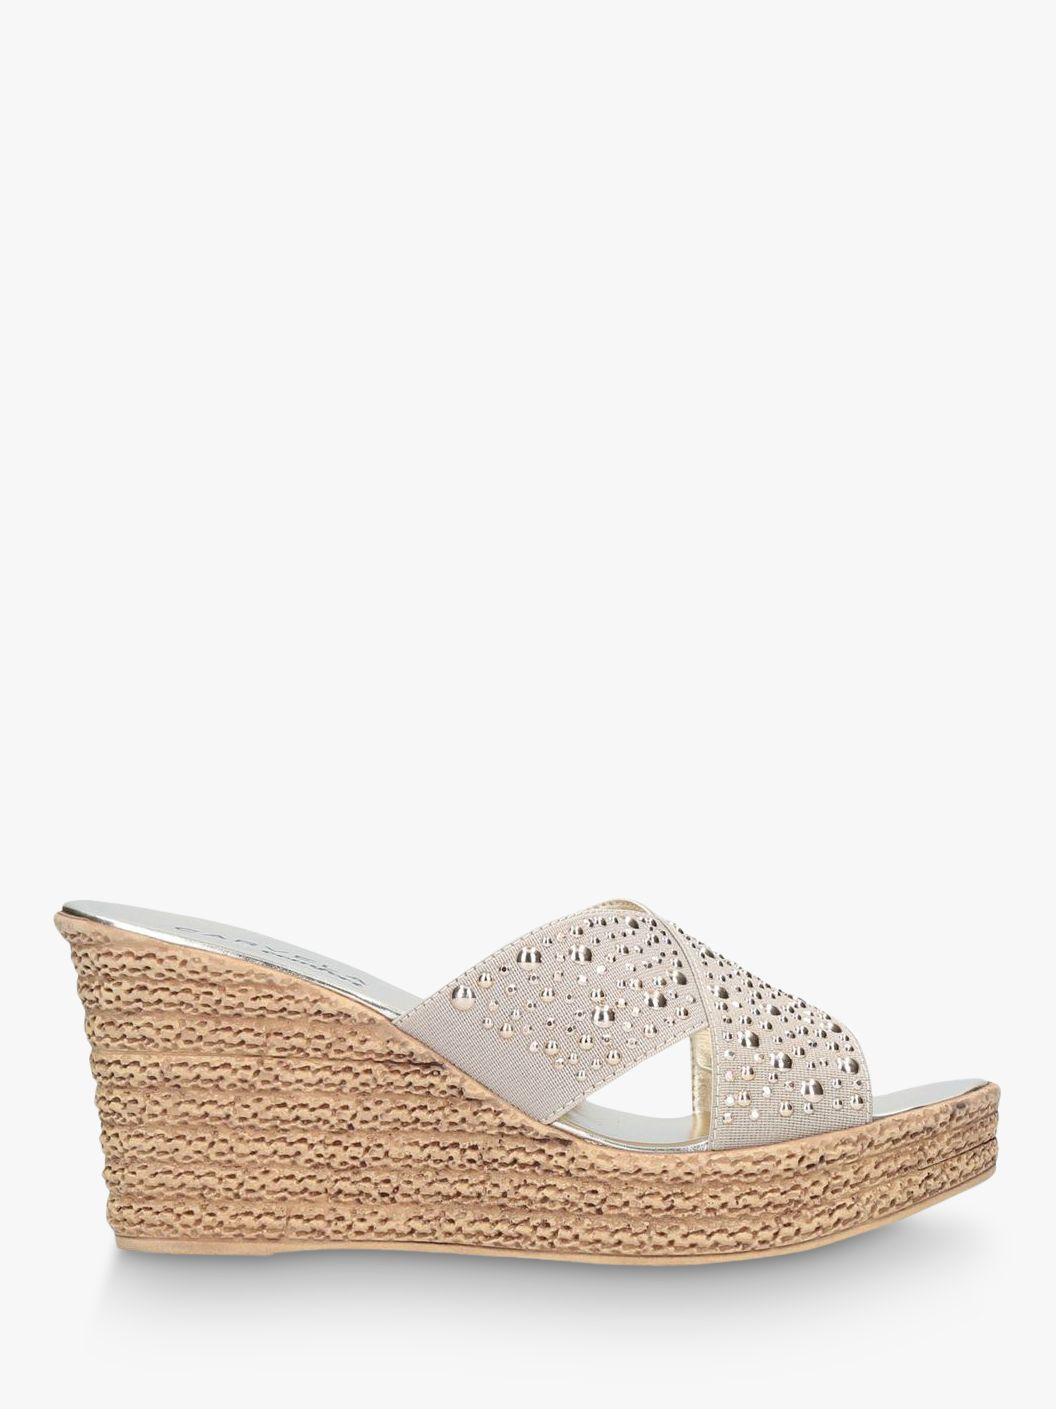 Carvela Carvela Comfort Stephanie Wedge Heel Sandals, Gold